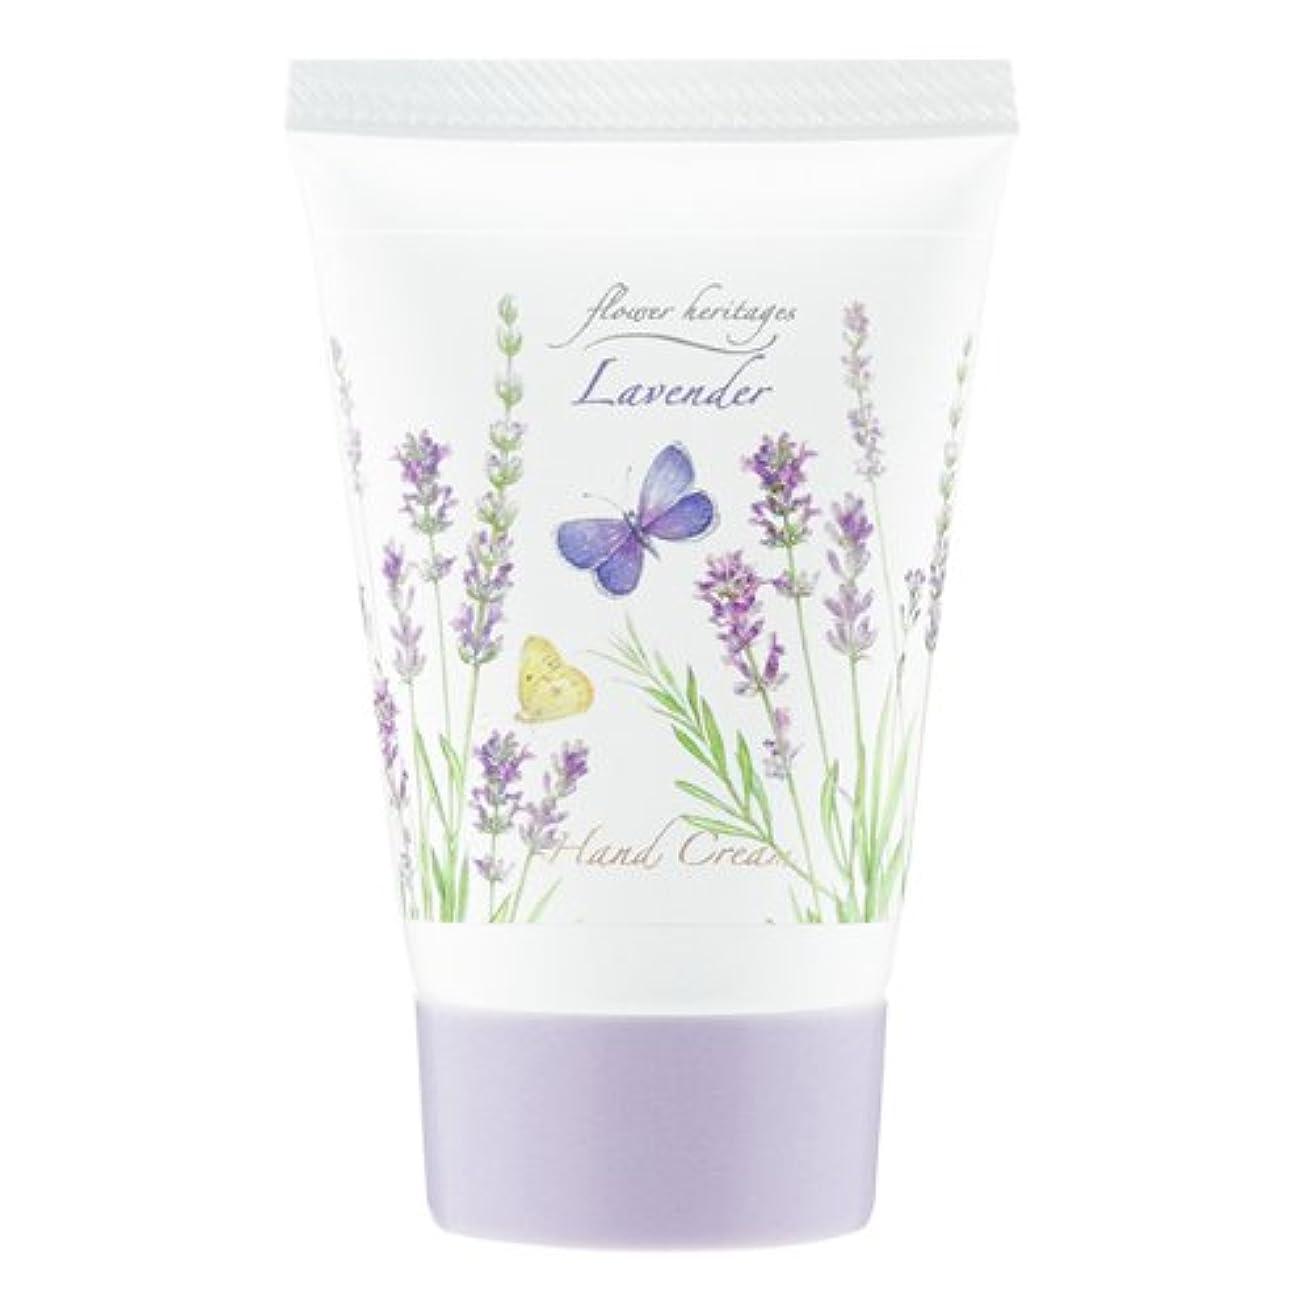 米ドル大きい人間ネイチャータッチ (Nature Touch) Flower Heritage ハンドクリーム40g/ラベンダー